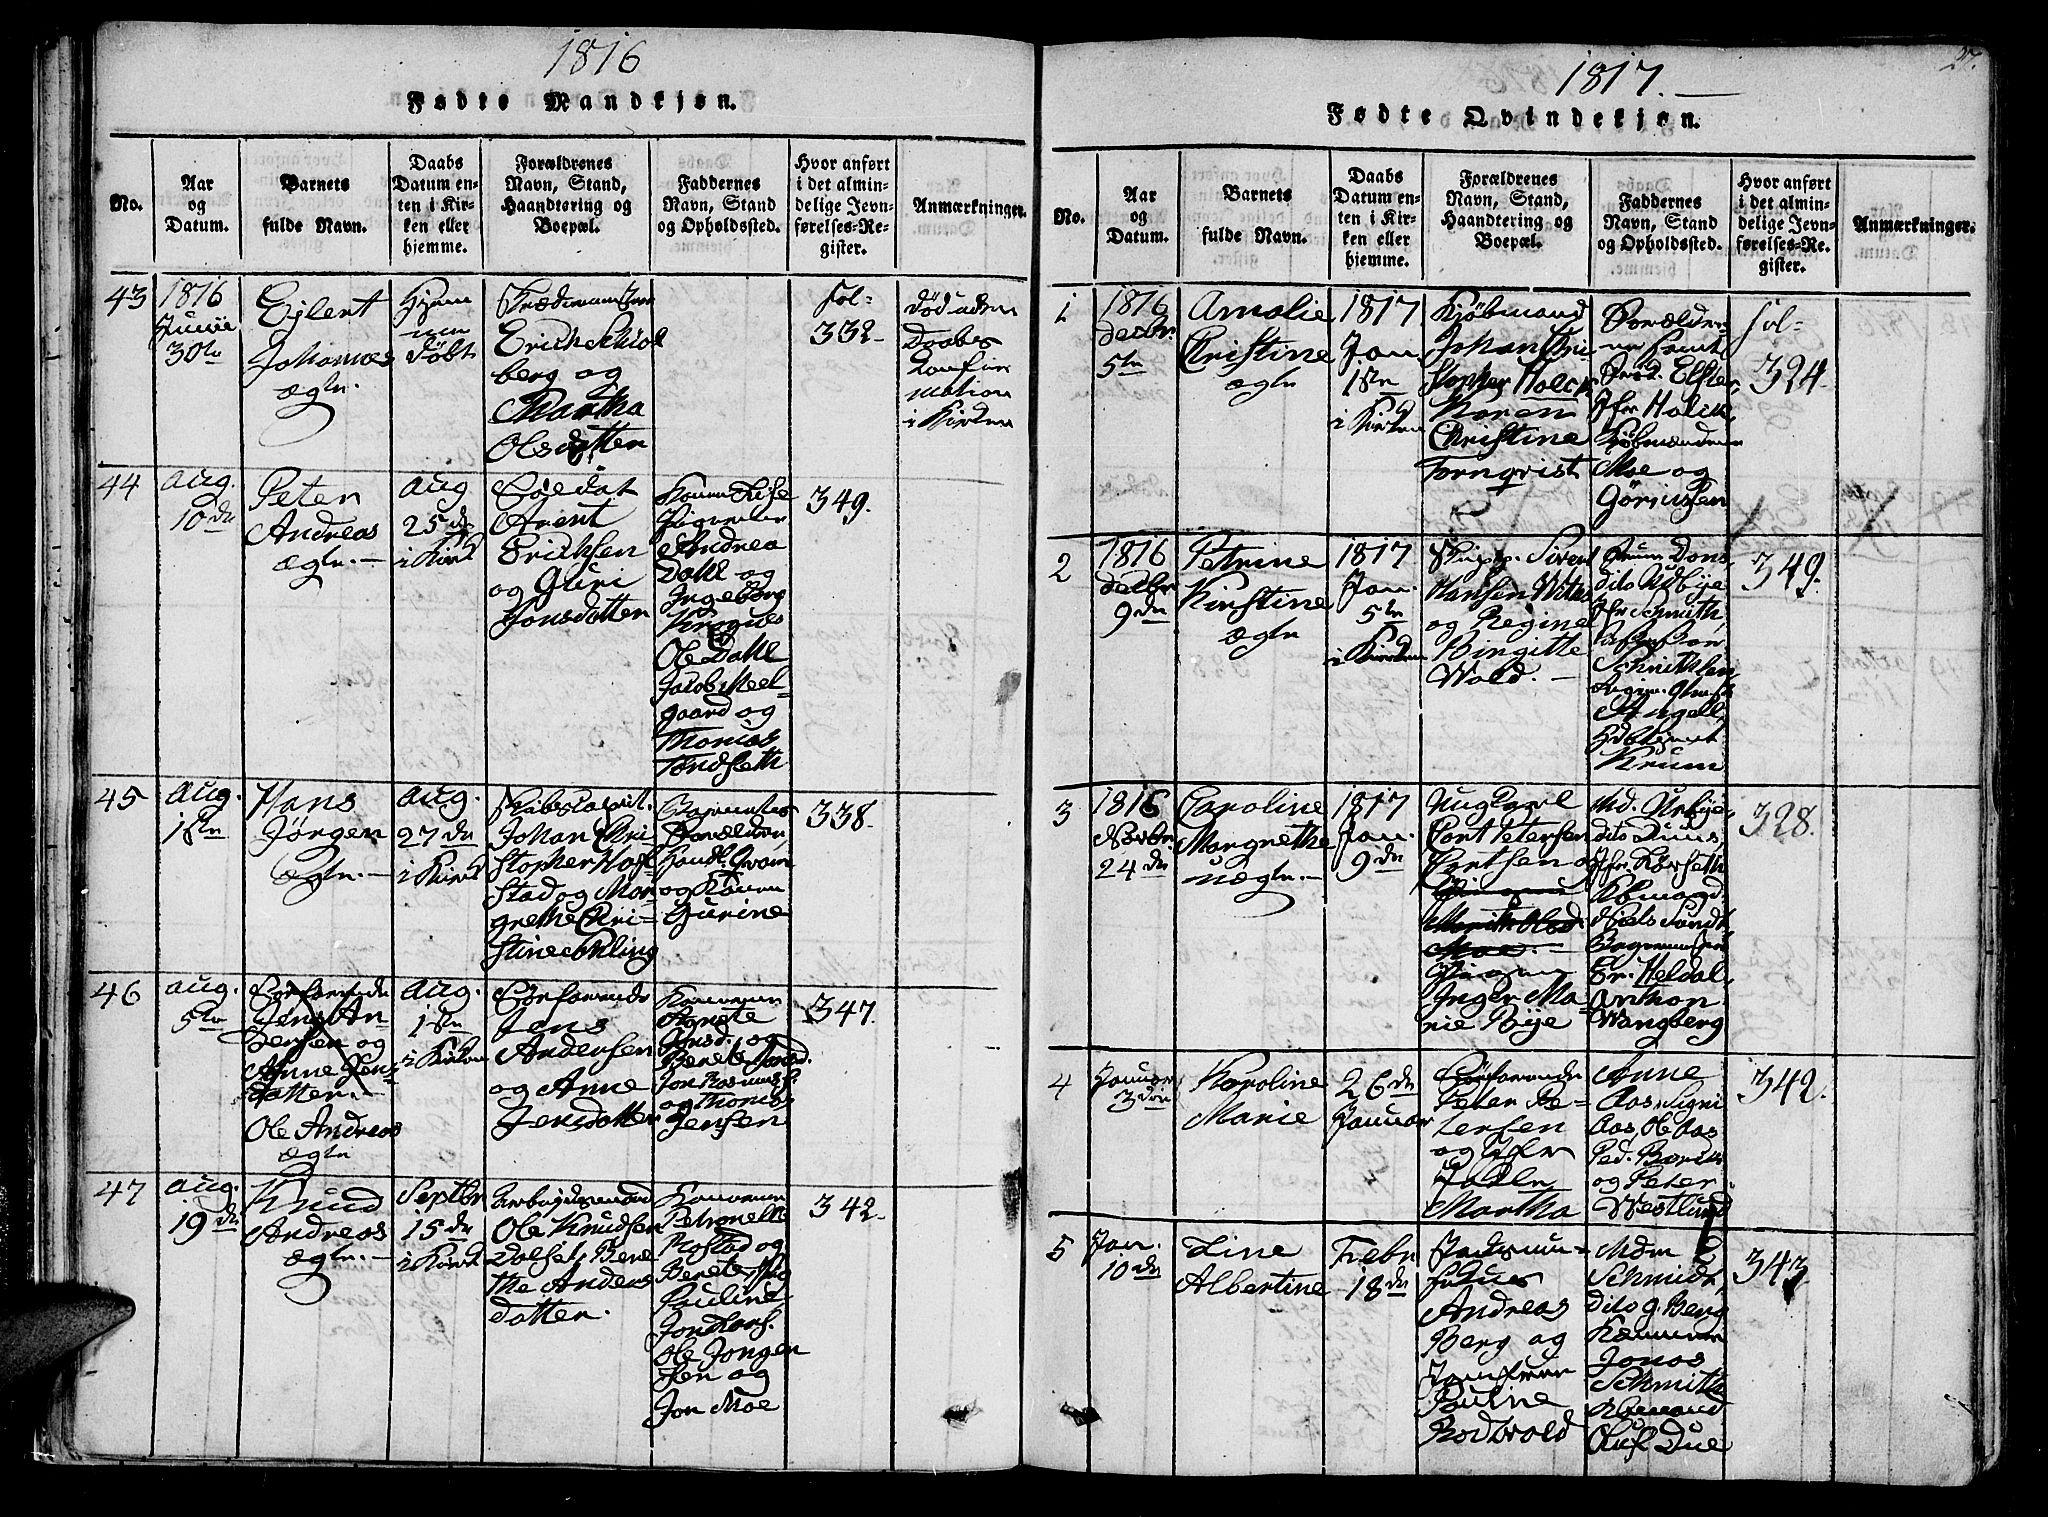 SAT, Ministerialprotokoller, klokkerbøker og fødselsregistre - Sør-Trøndelag, 602/L0107: Ministerialbok nr. 602A05, 1815-1821, s. 27